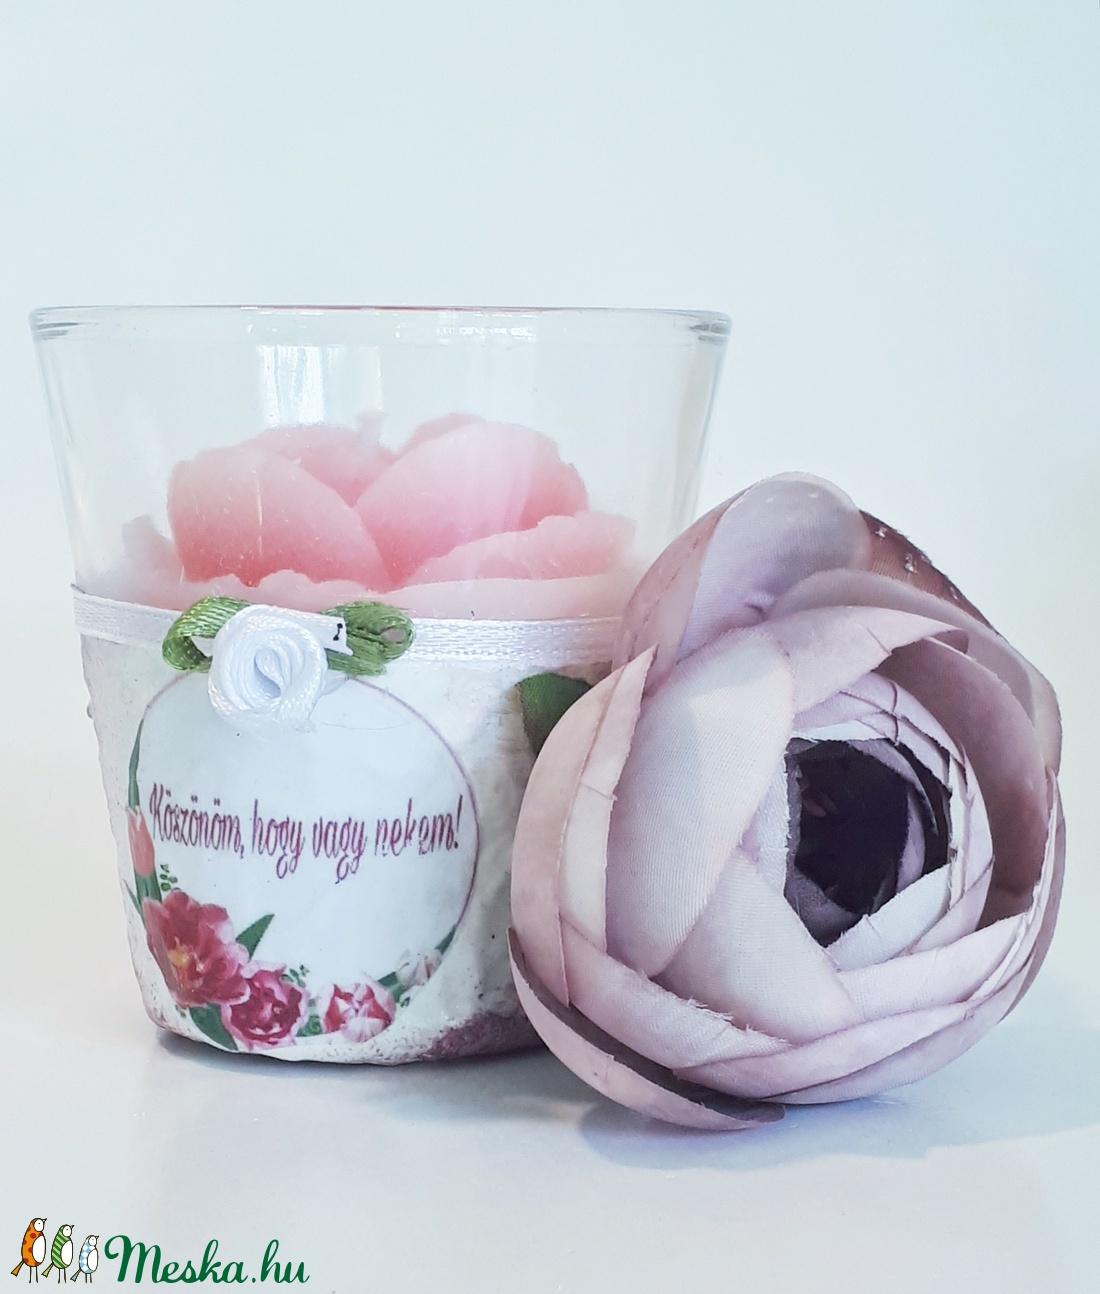 Köszönöm. hogy vagy nekem, rózsa gyertya üveg tartóban ajándék nőnapra, anyák napjára, házassági évfordulóra, szülinapra - Meska.hu